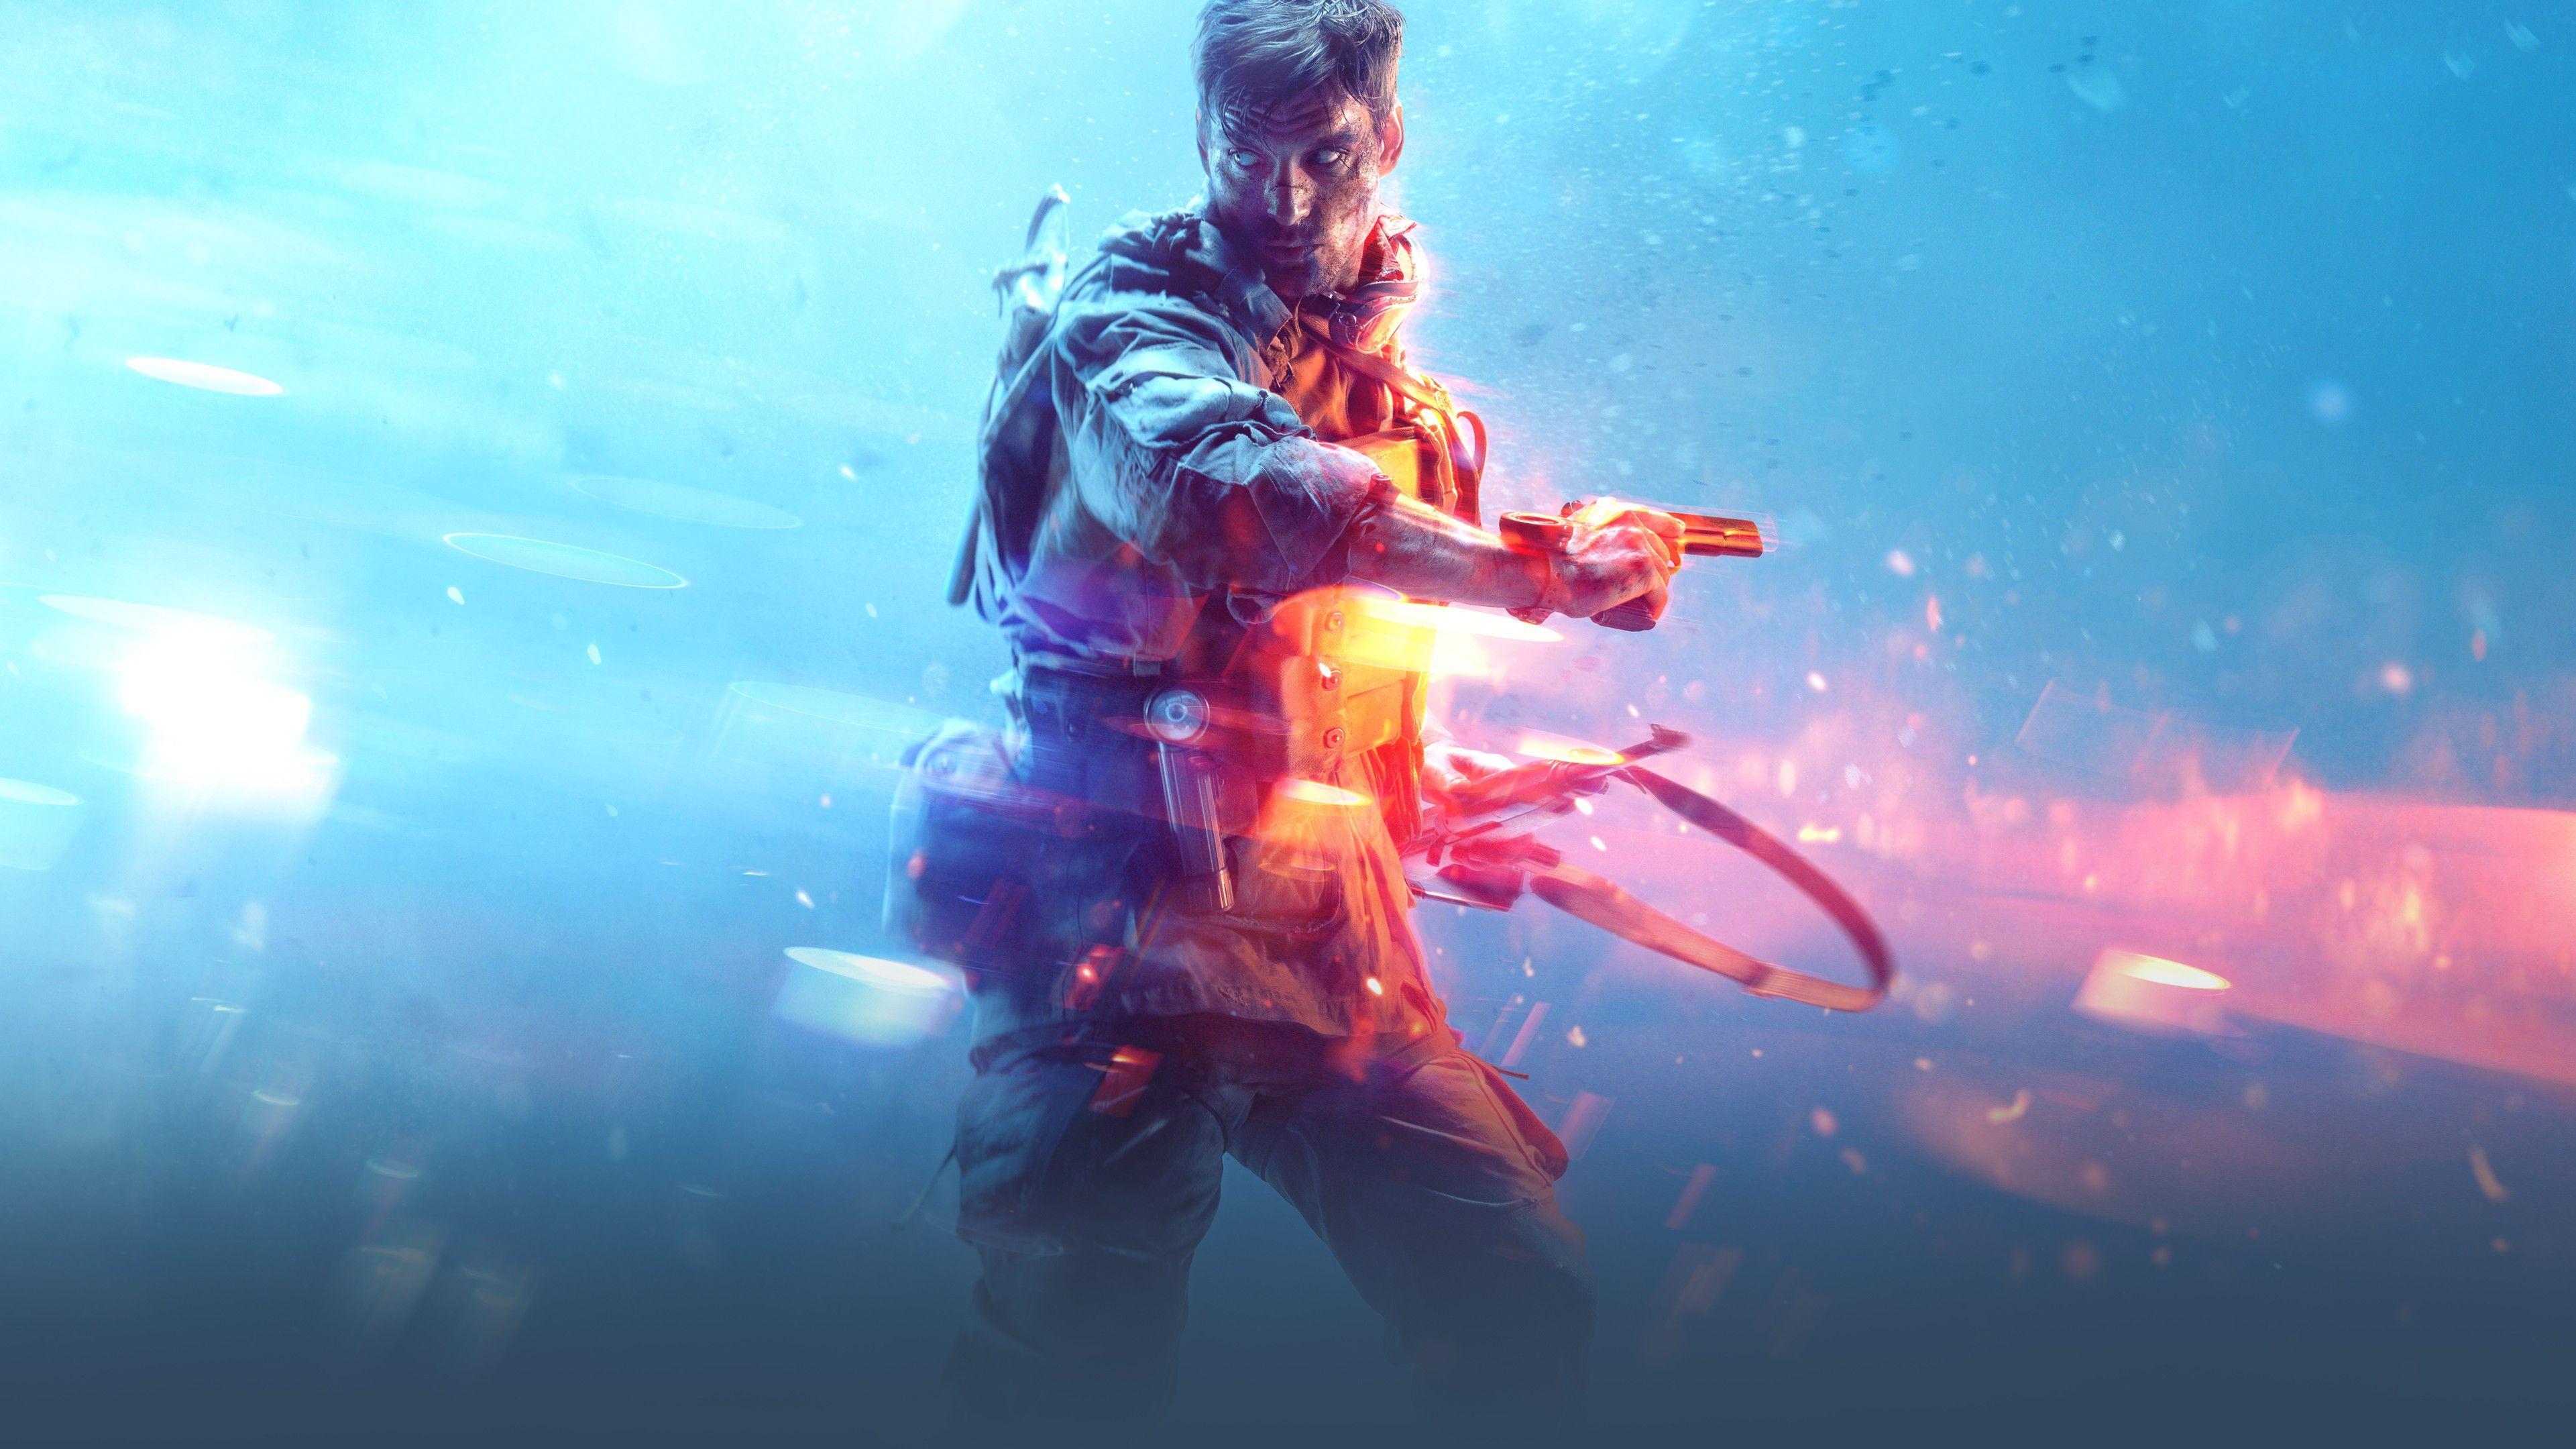 Battlefield 5 Wallpapers - Top Free Battlefield 5